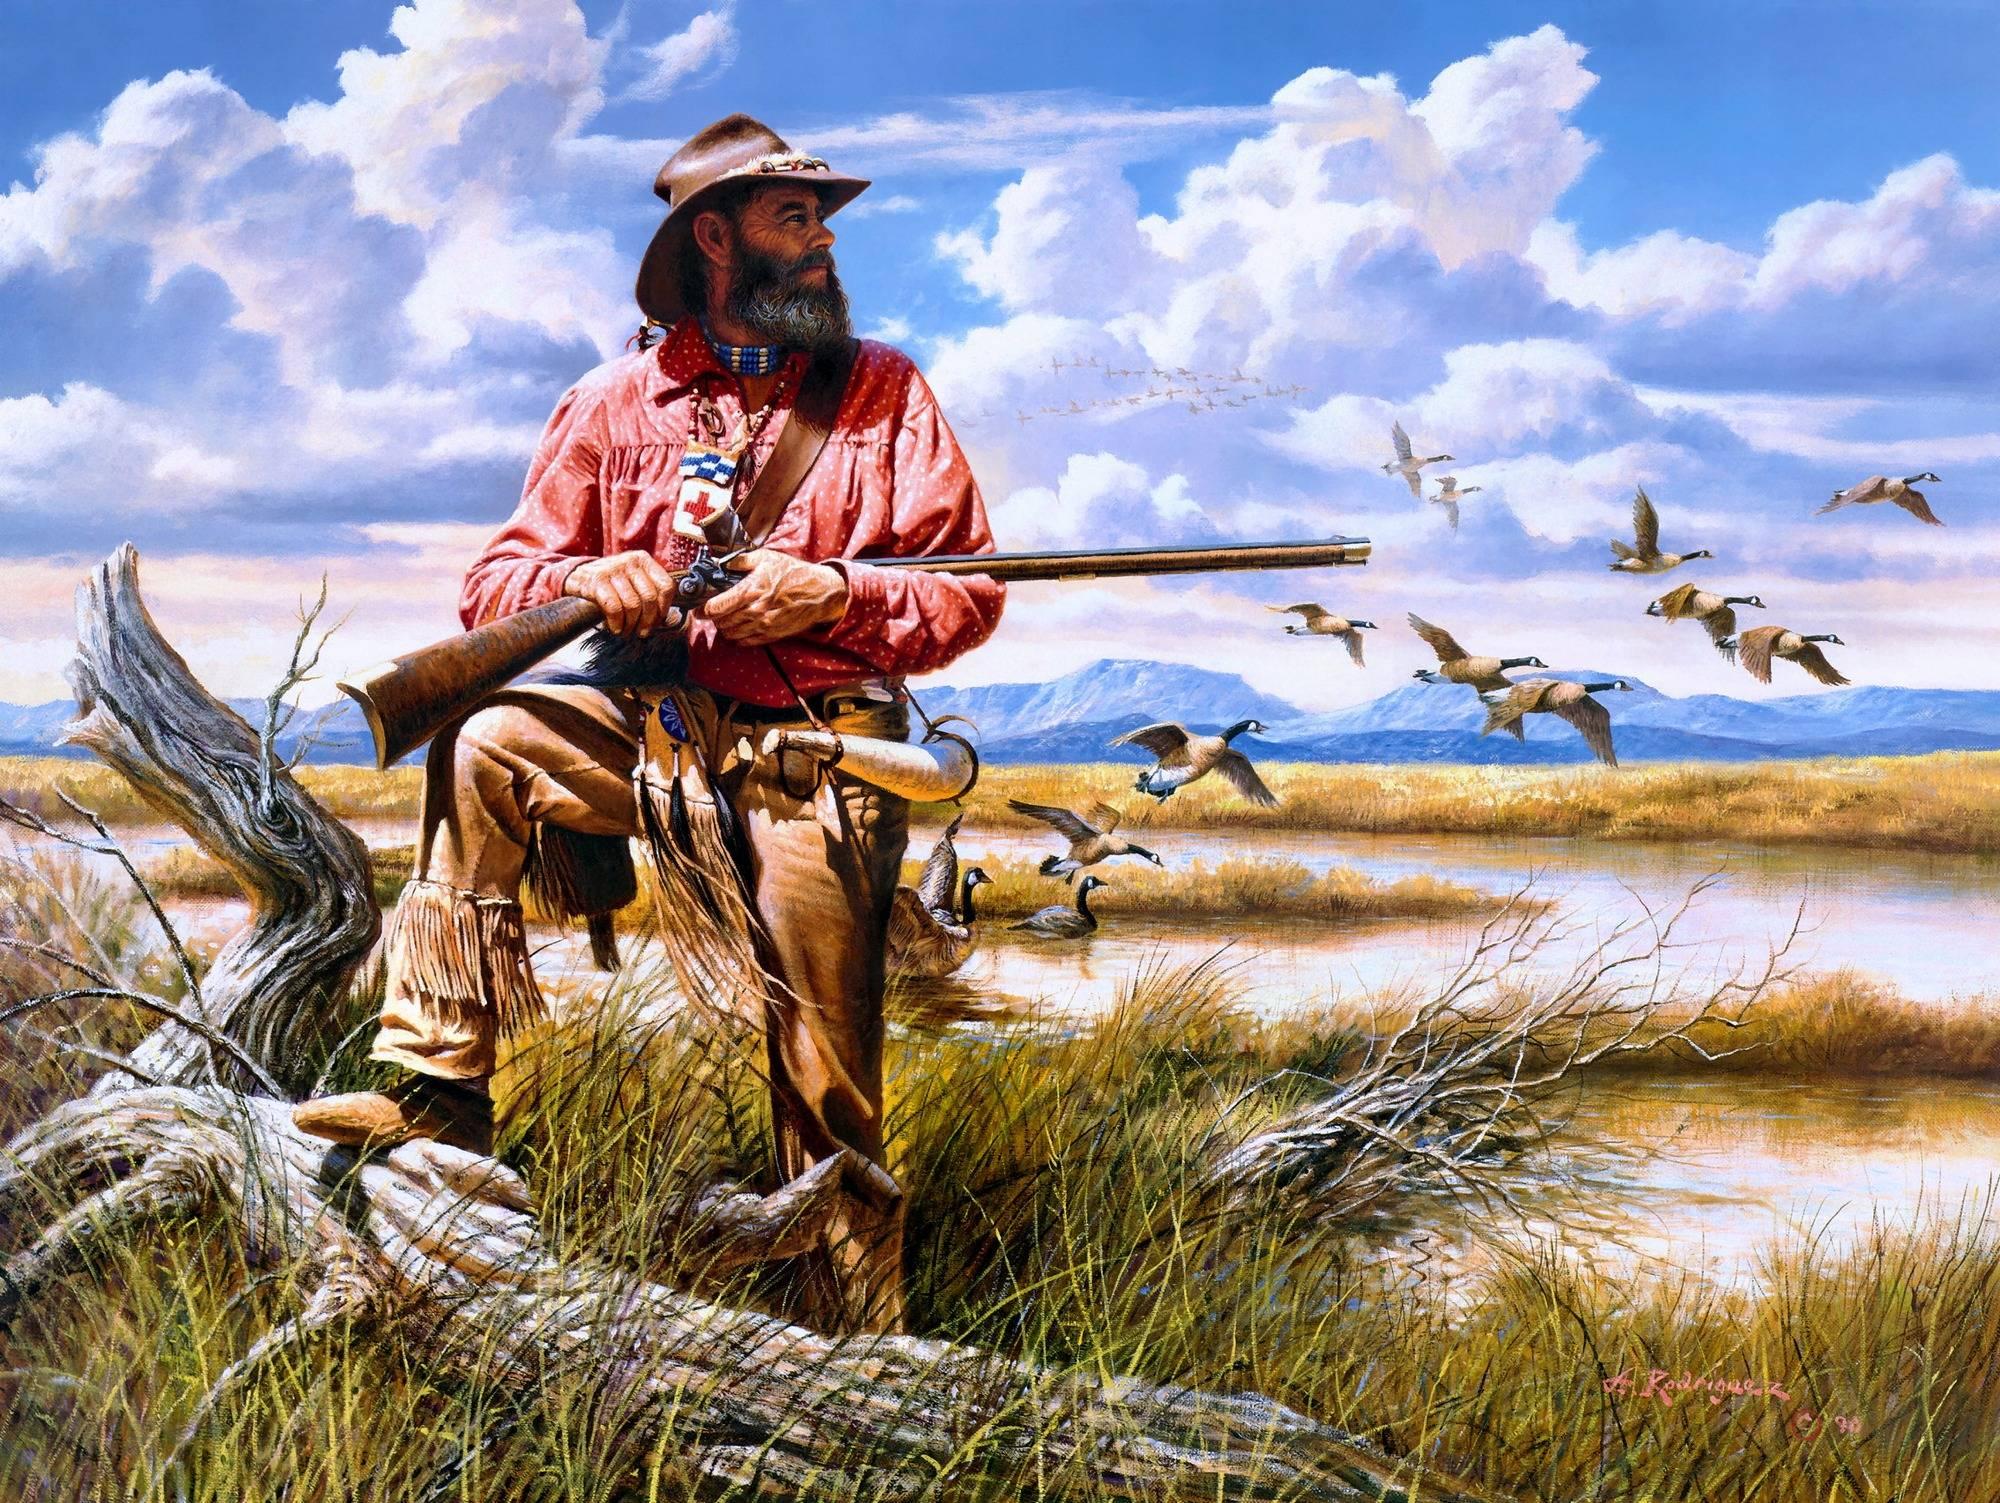 племя охотников и рыболовов